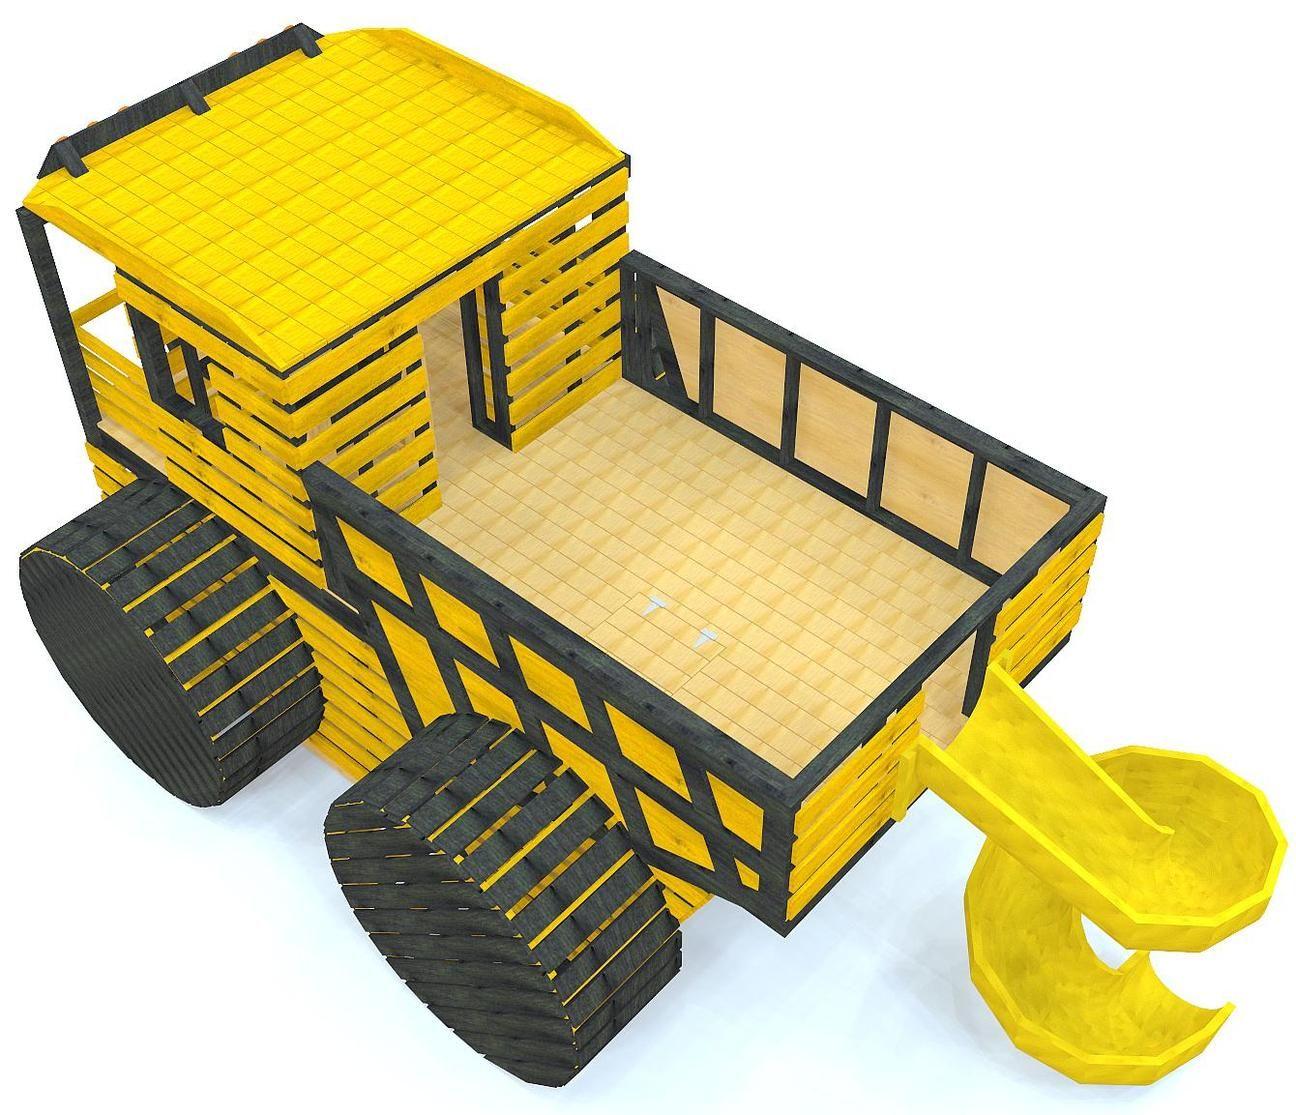 Constuction Dump Truck Playset Plan Truck bed, Truck